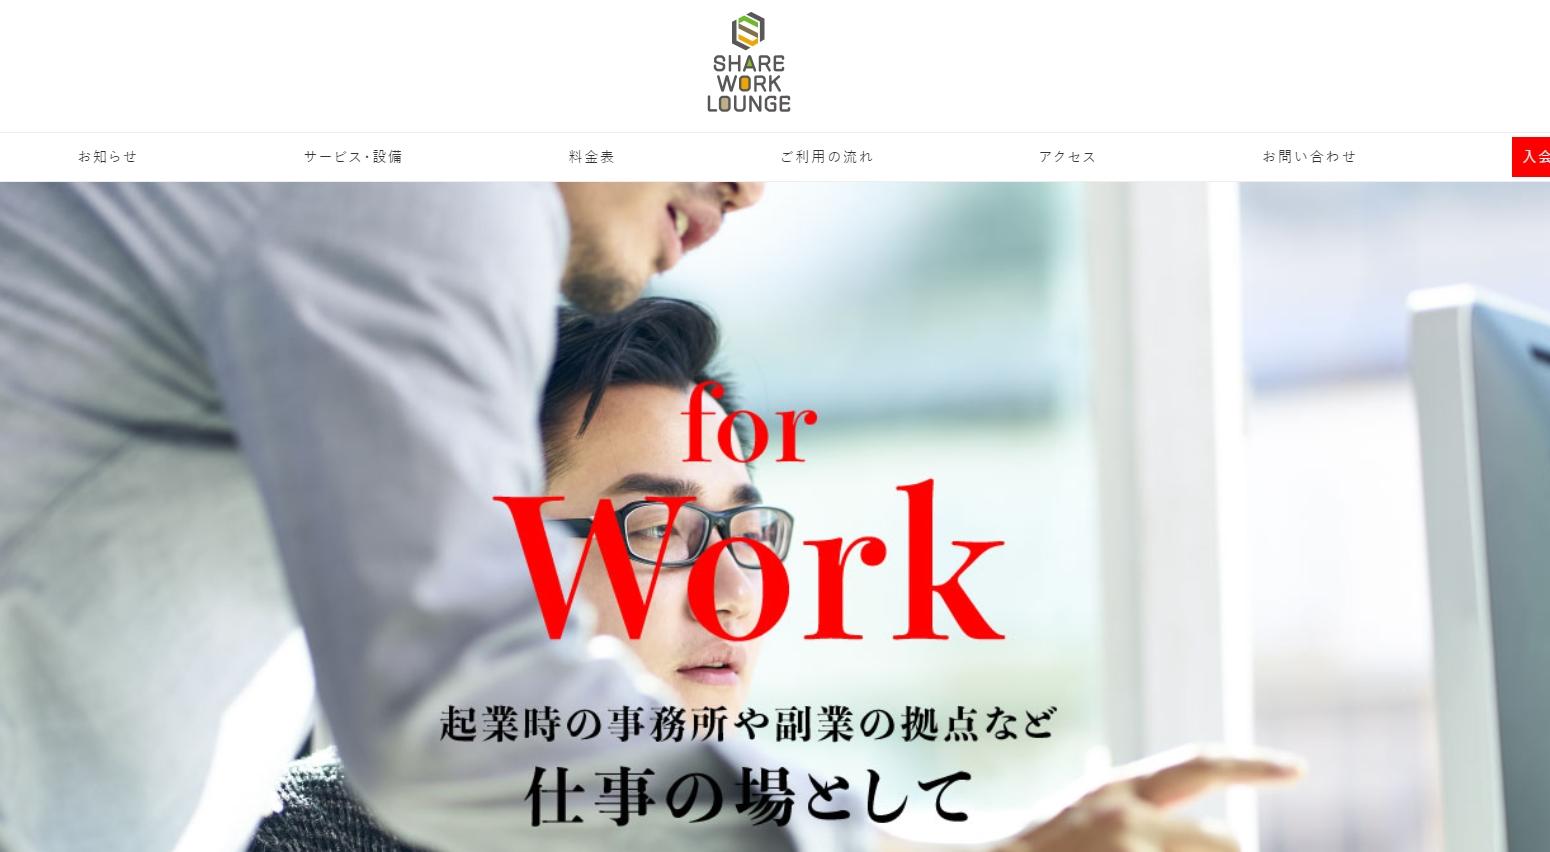 shareworkloungeinazawa